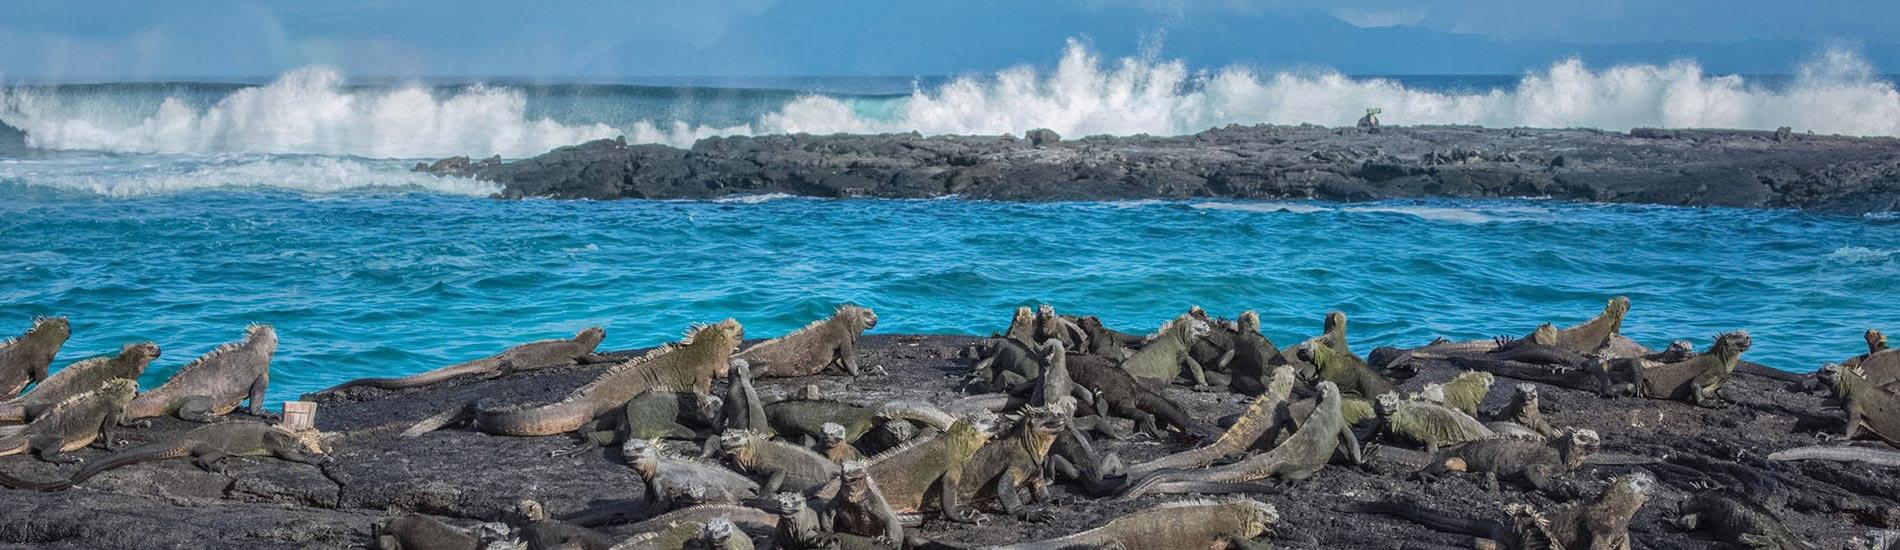 加拉巴哥群島 (Galapagos Islands)